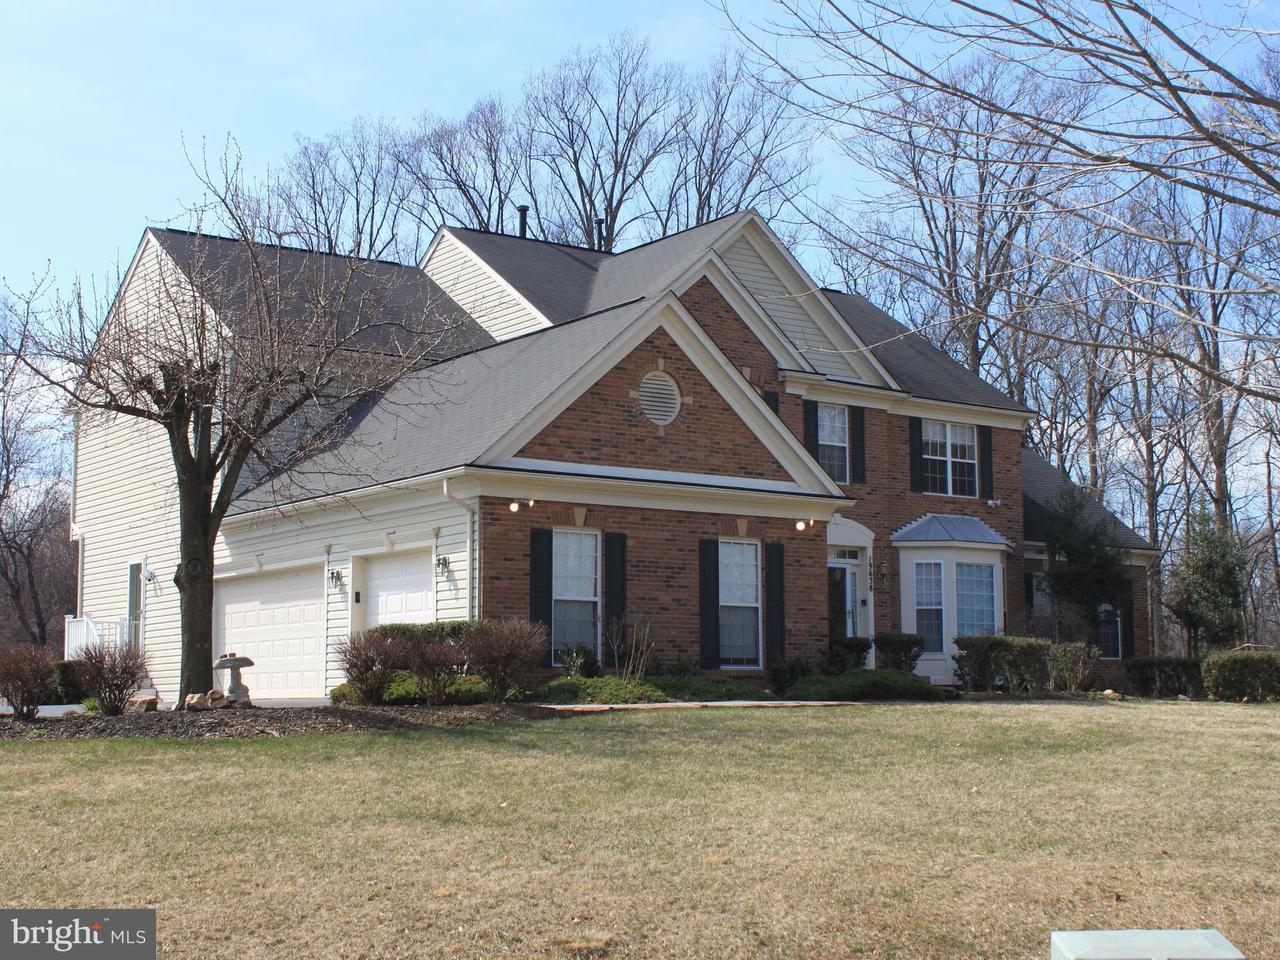 Μονοκατοικία για την Πώληση στο 19638 Hoover Farm Drive 19638 Hoover Farm Drive Laytonsville, Μεριλαντ 20882 Ηνωμενεσ Πολιτειεσ